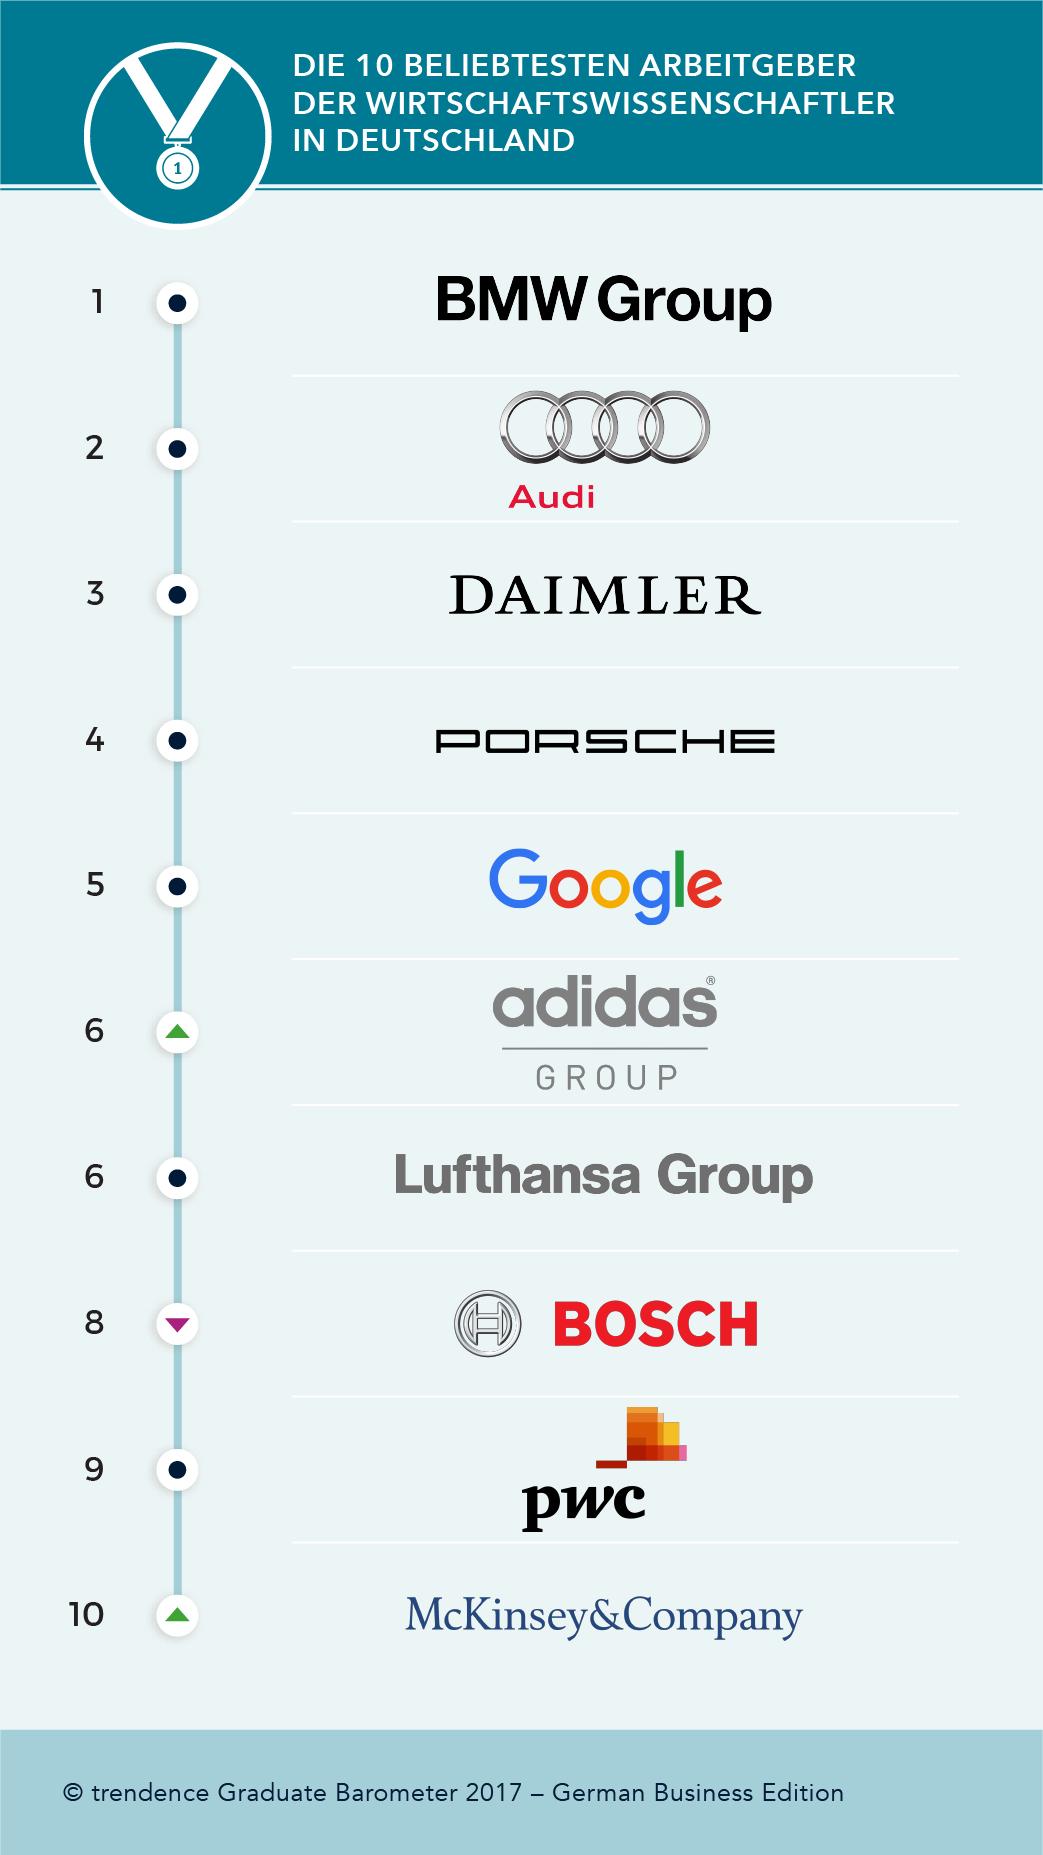 deutschlands beste arbeitgeber 2017 wirtschaftswissenschaftler